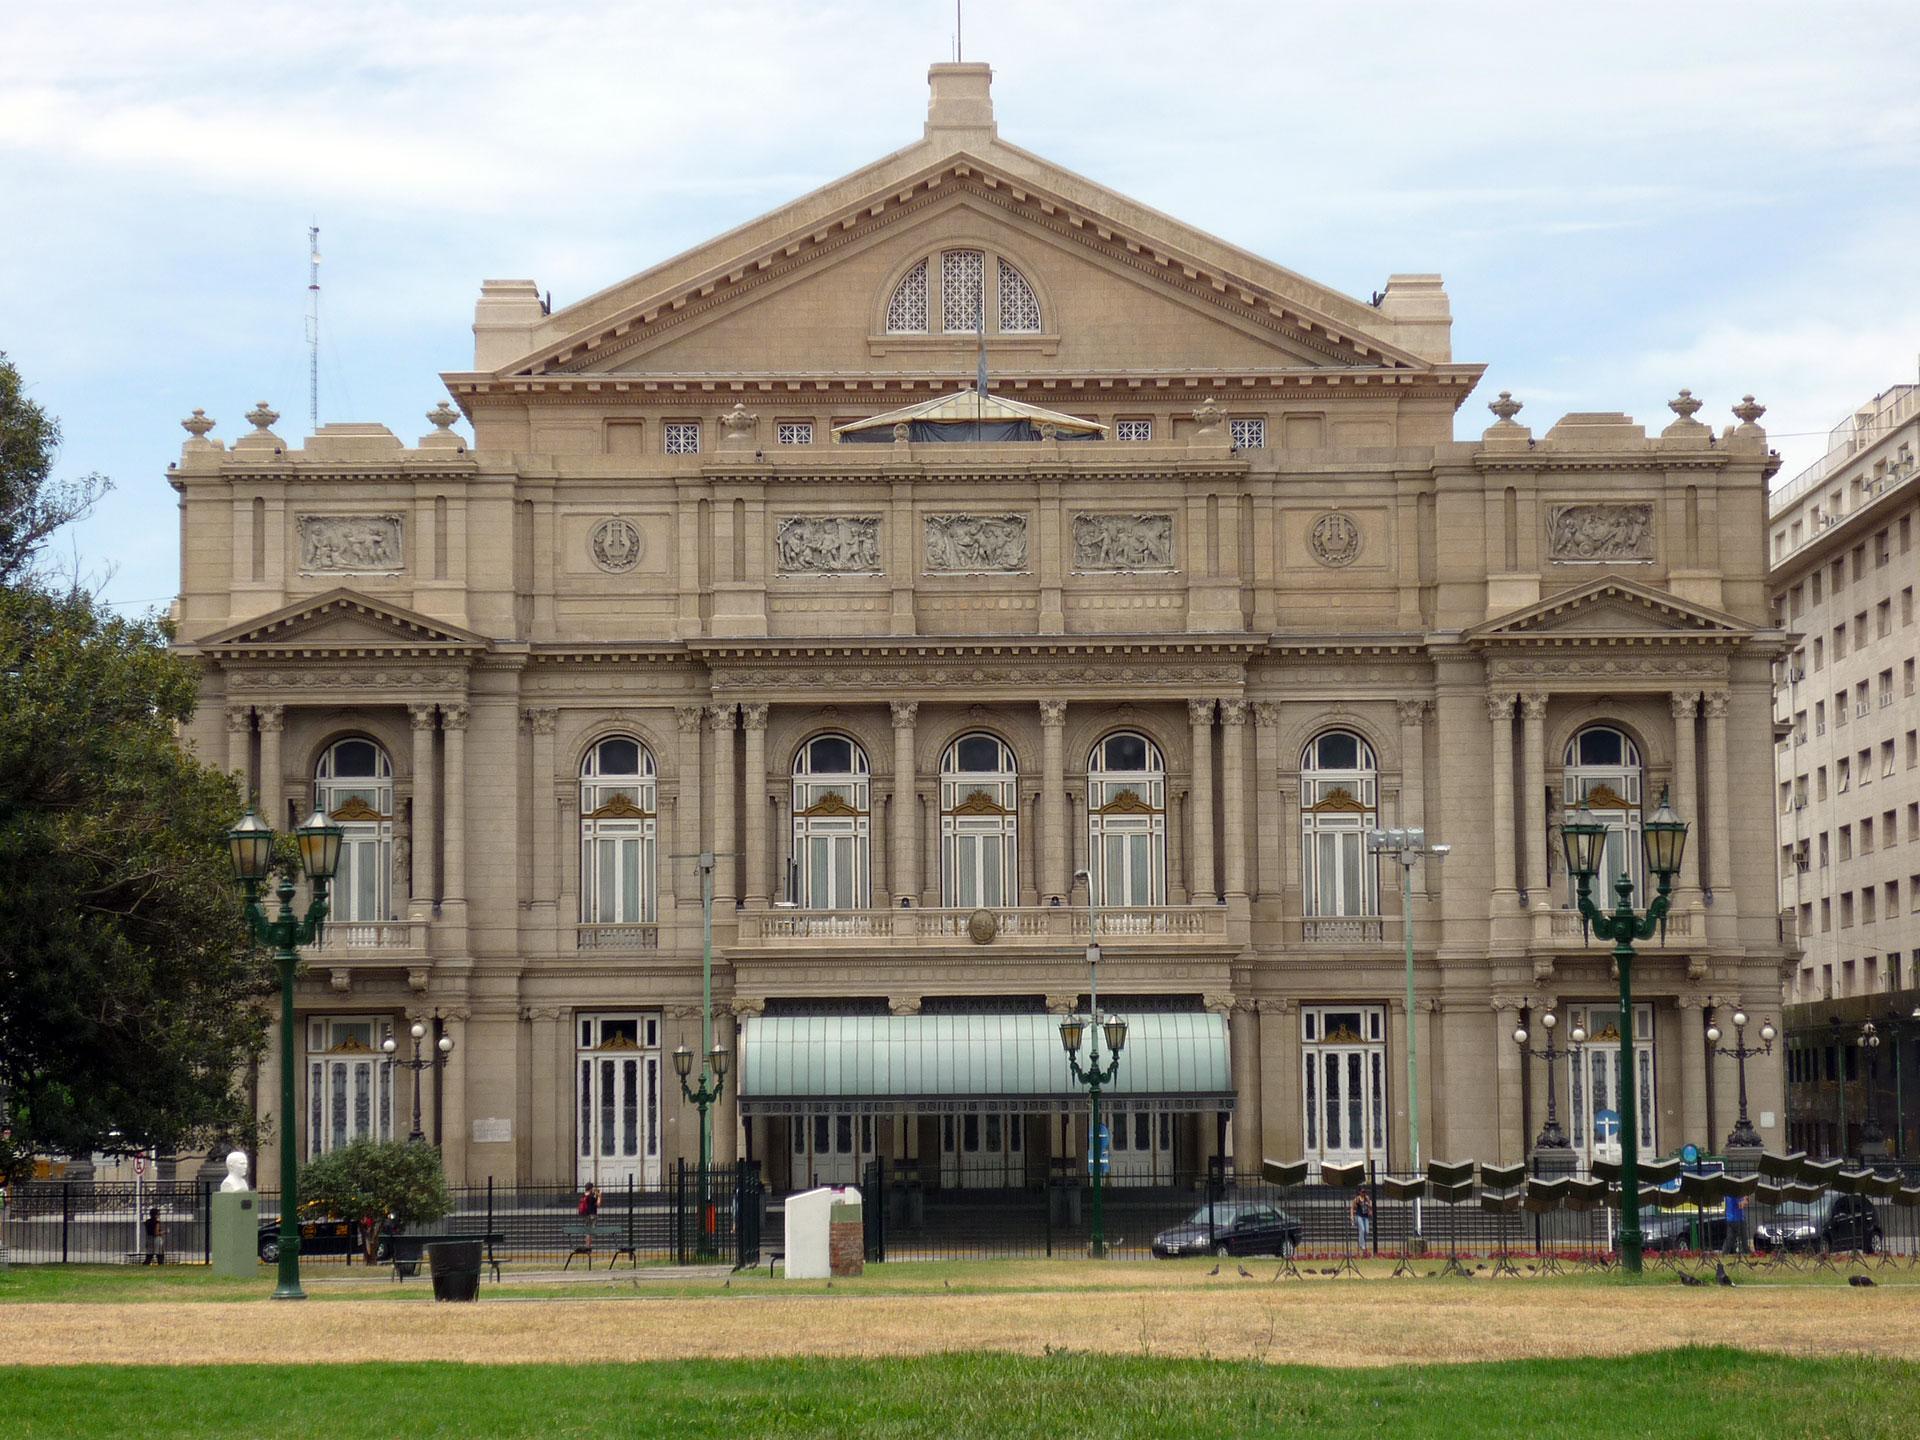 El teatro Colón, construido bajo las normas del estilo francés . Las fachadas están divididas en tres órdenes arquitectónicos.